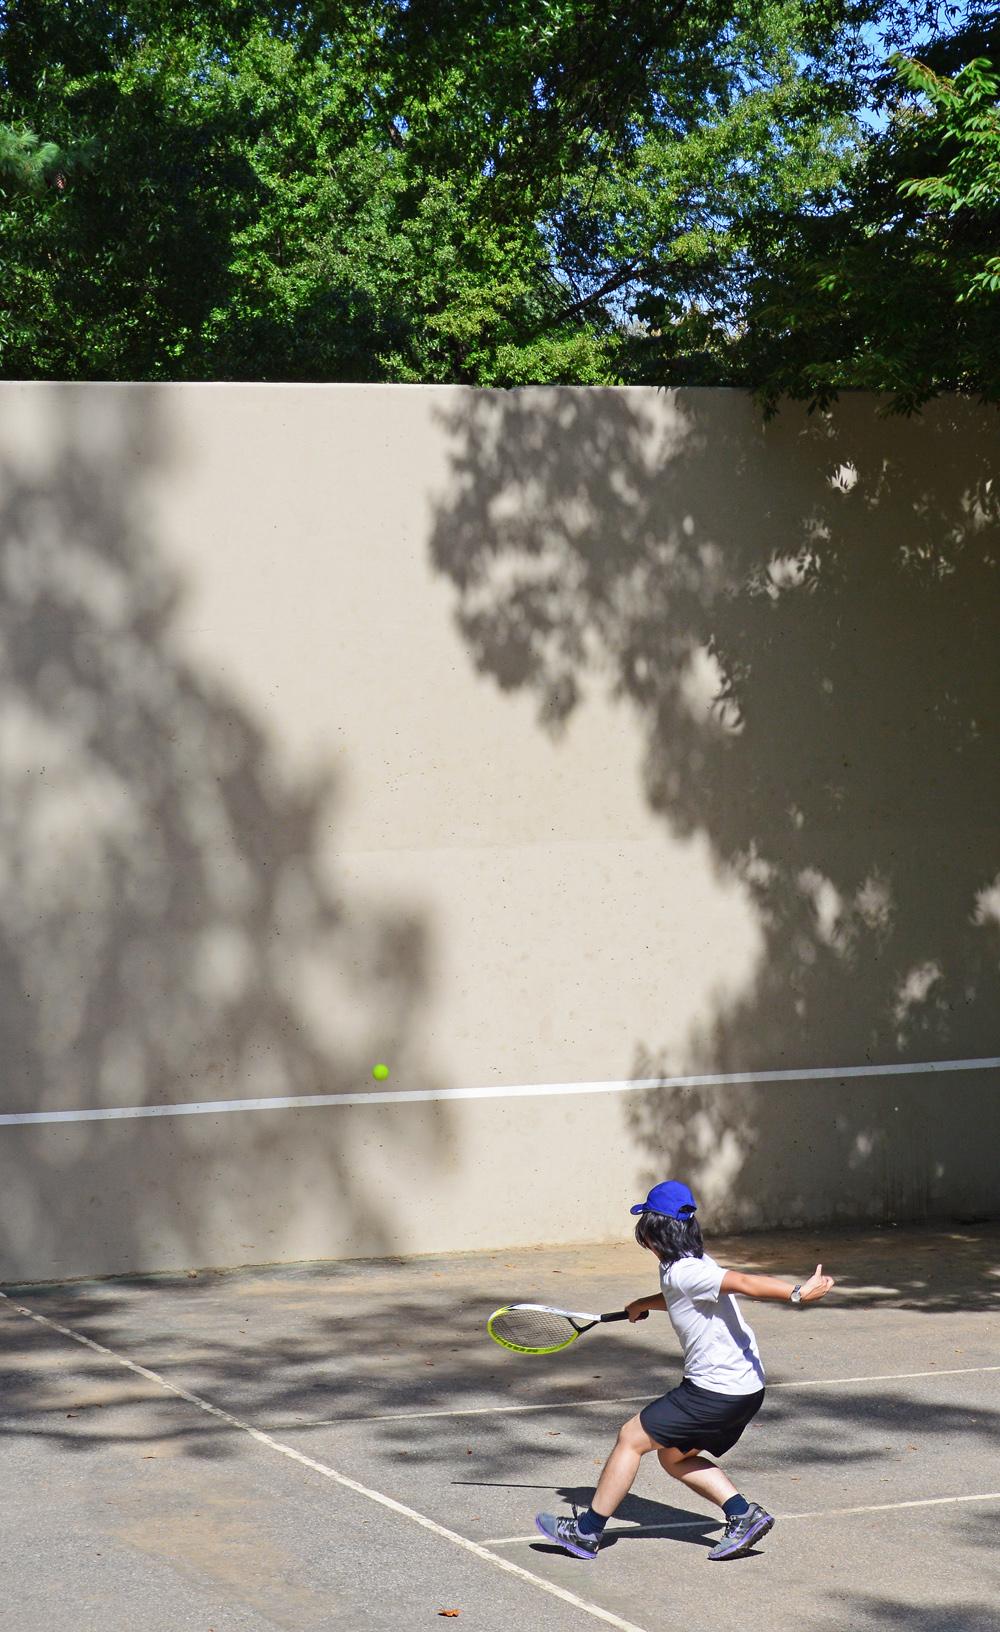 Racket in hand